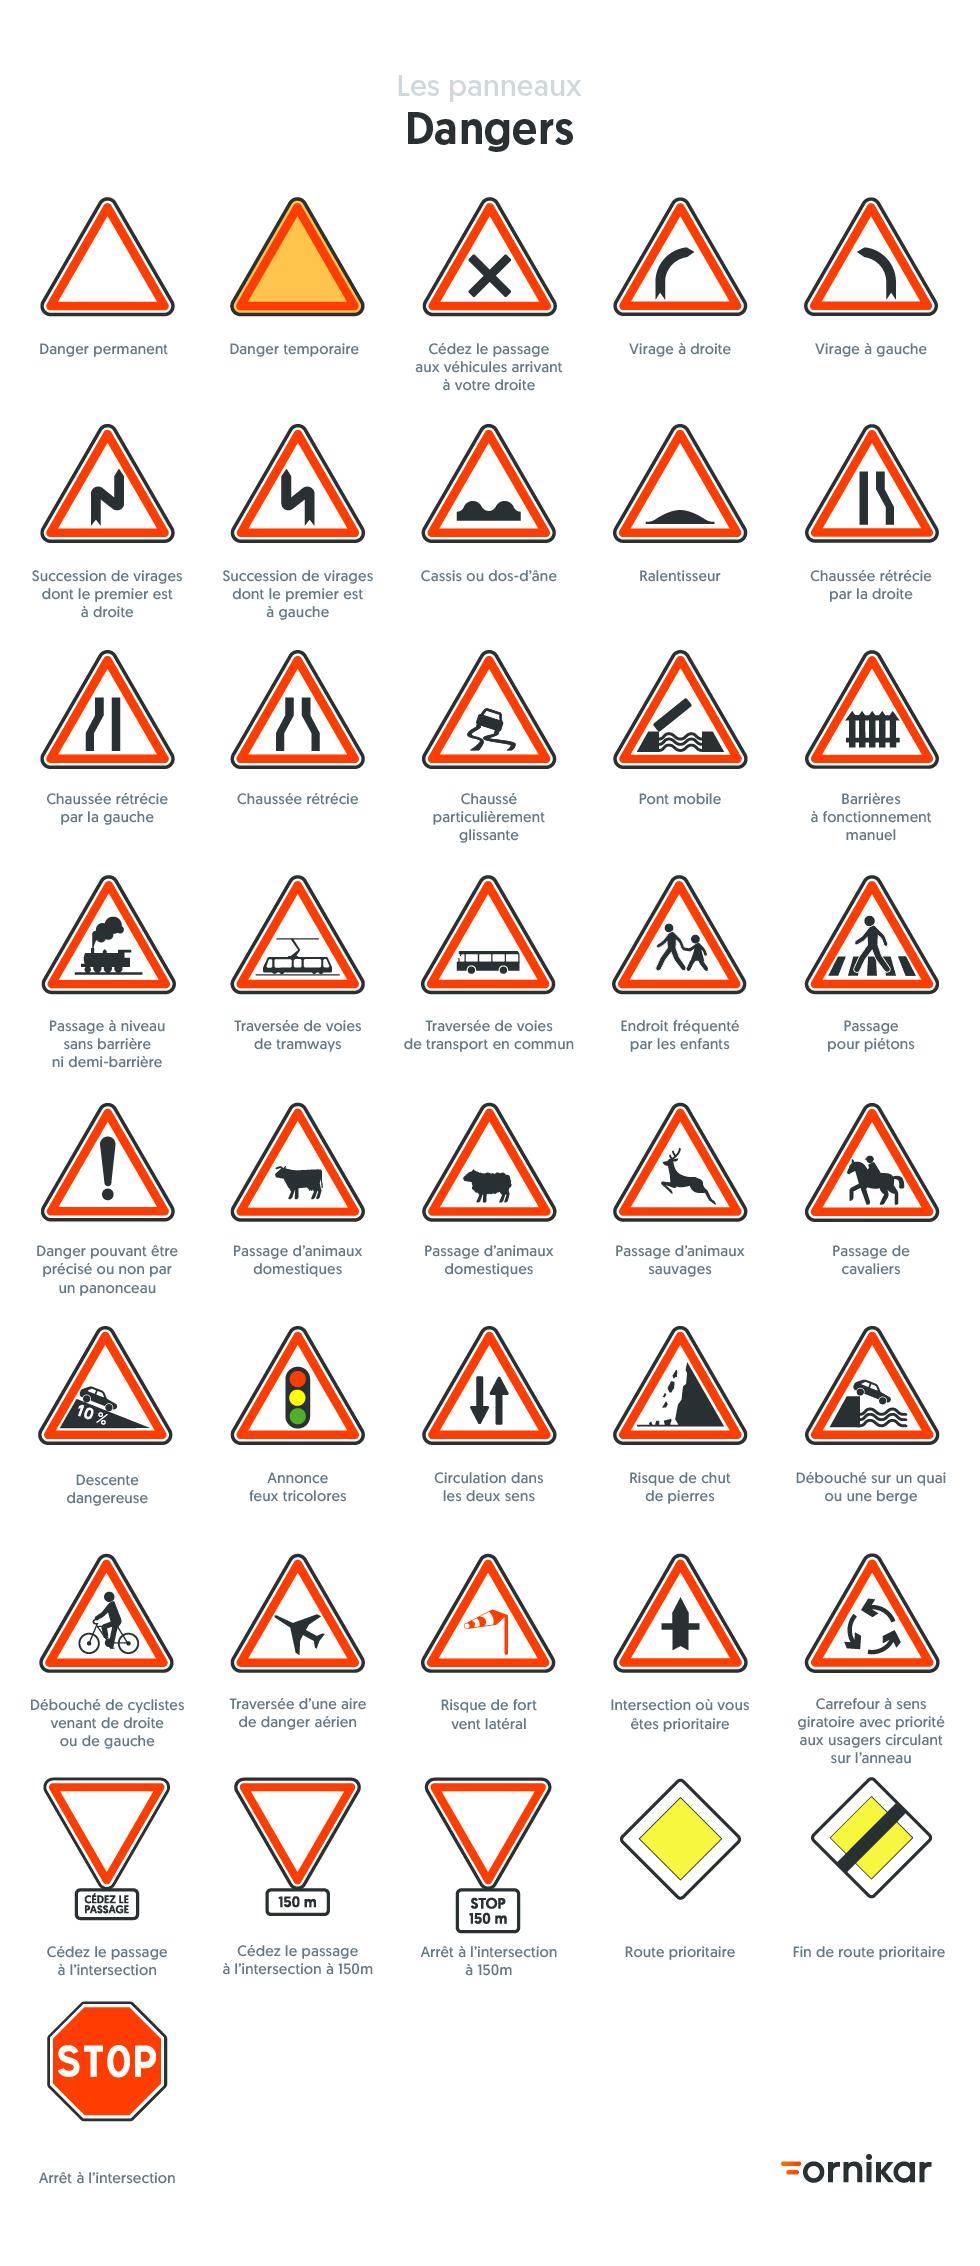 Étonnant Panneaux de signalisation du Code de la route - Ornikar WC-67